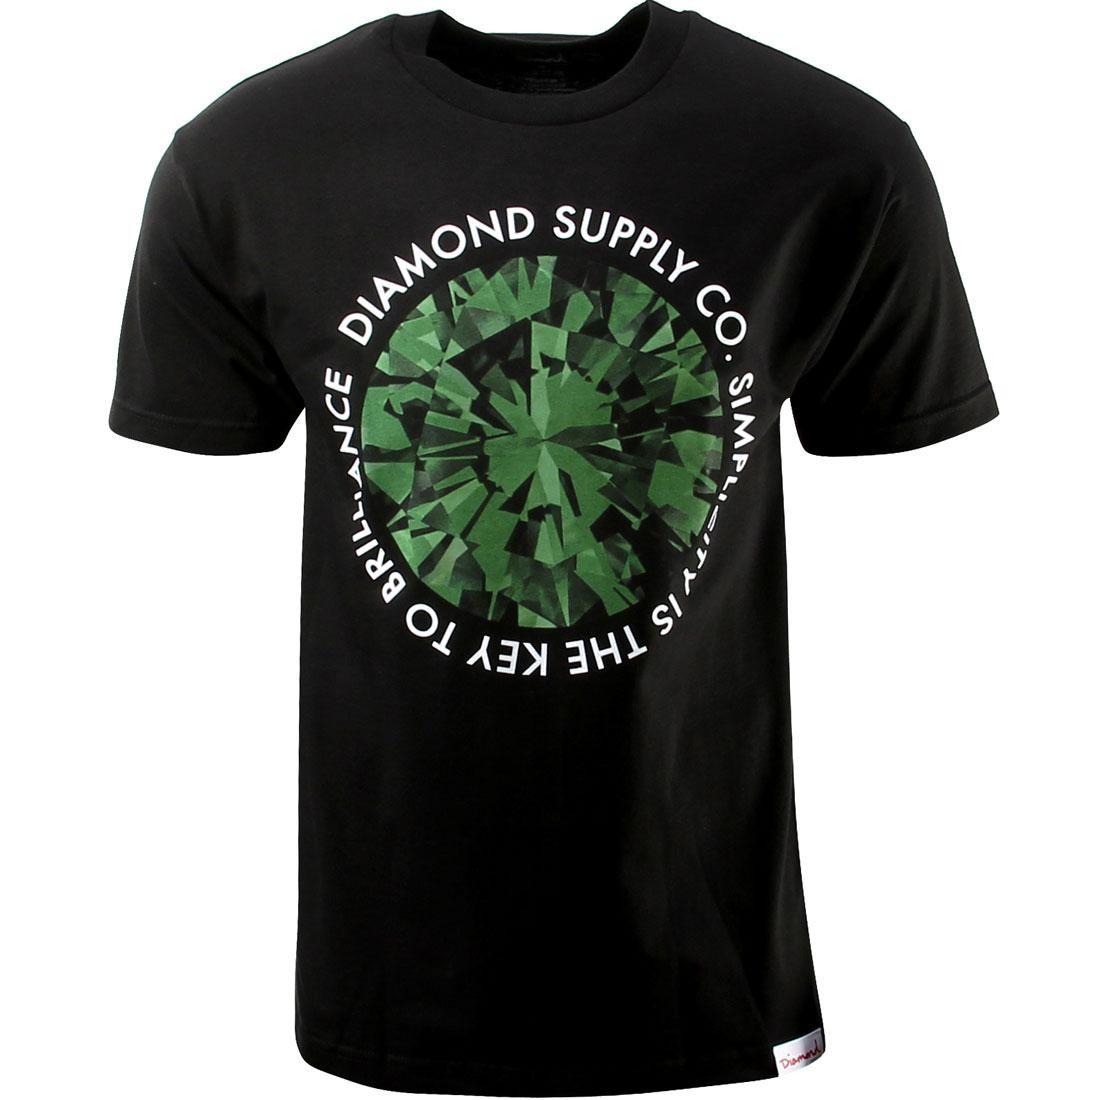 ダイヤモンドサプライ DIAMOND SUPPLY CO ダイヤモンド サプライ Tシャツ 黒 ブラック 緑 グリーン 【 SUPPLY BLACK GREEN DIAMOND CO SIMPLICITY TEE 】 メンズファッション トップス Tシャツ カットソー